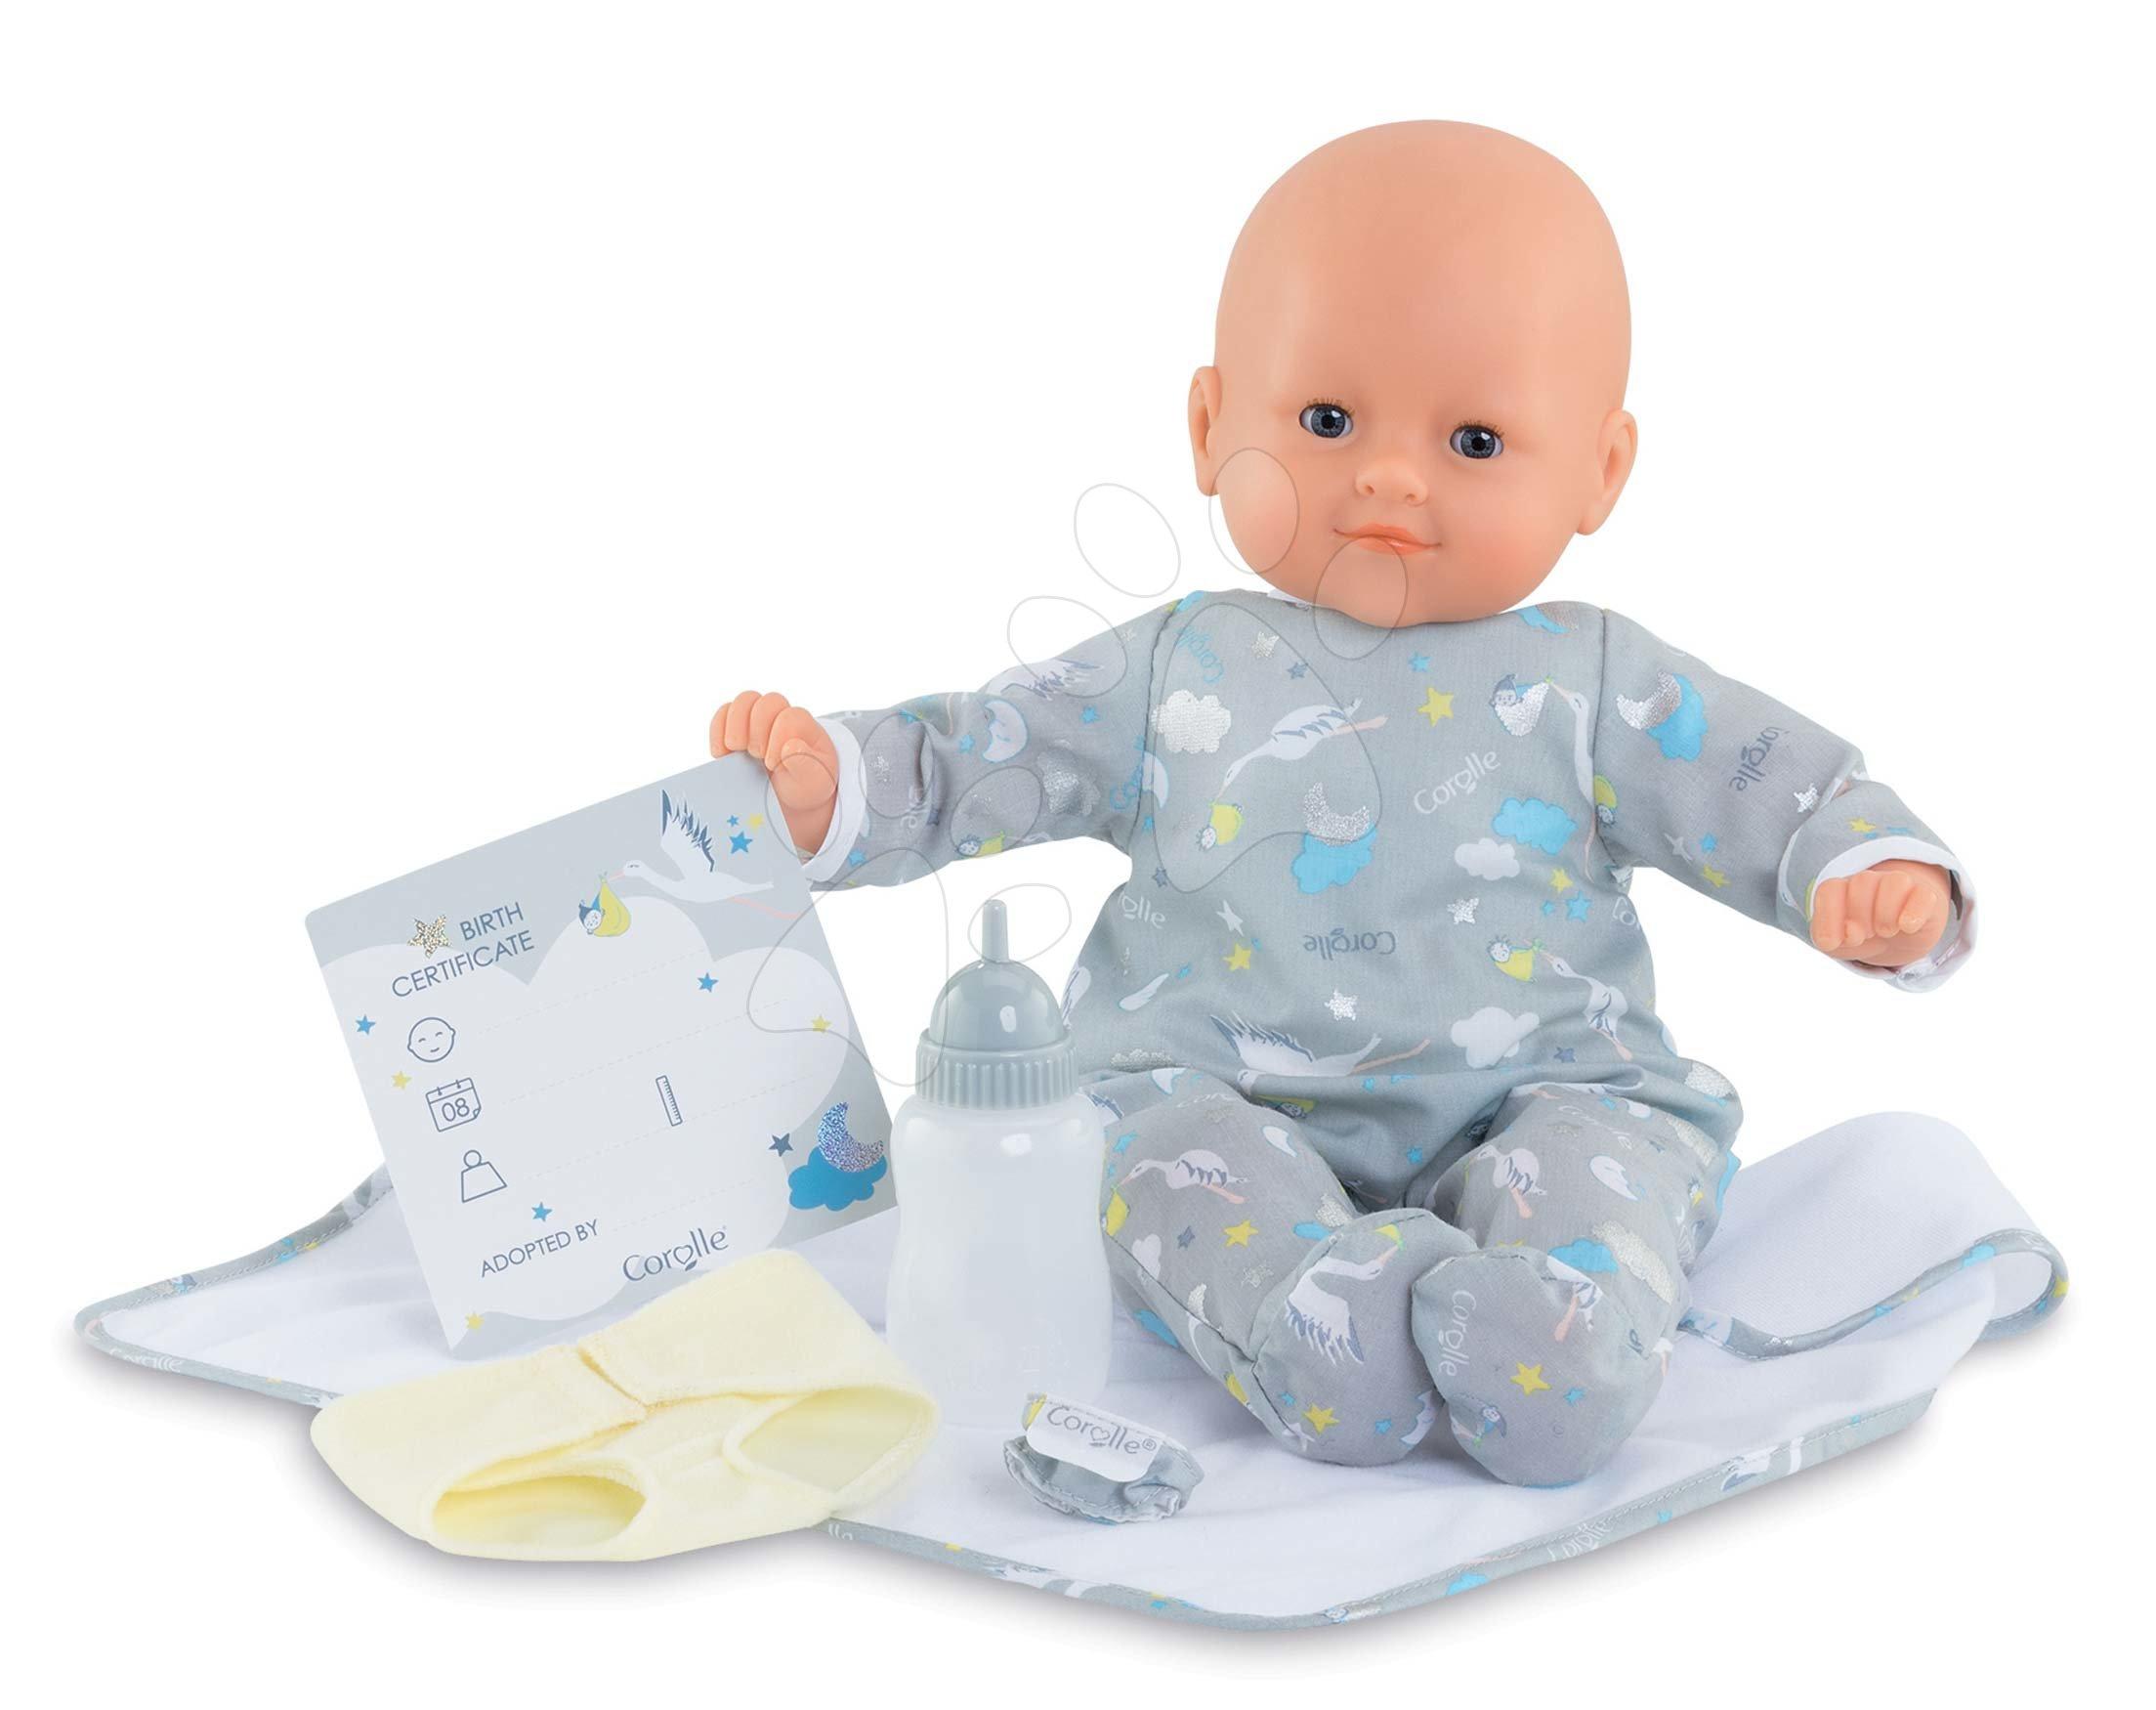 Panenka novorozenec My New Born Child Mon Grand Poupon Corolle 36 cm s modrými mrkacími očima od 24 měs